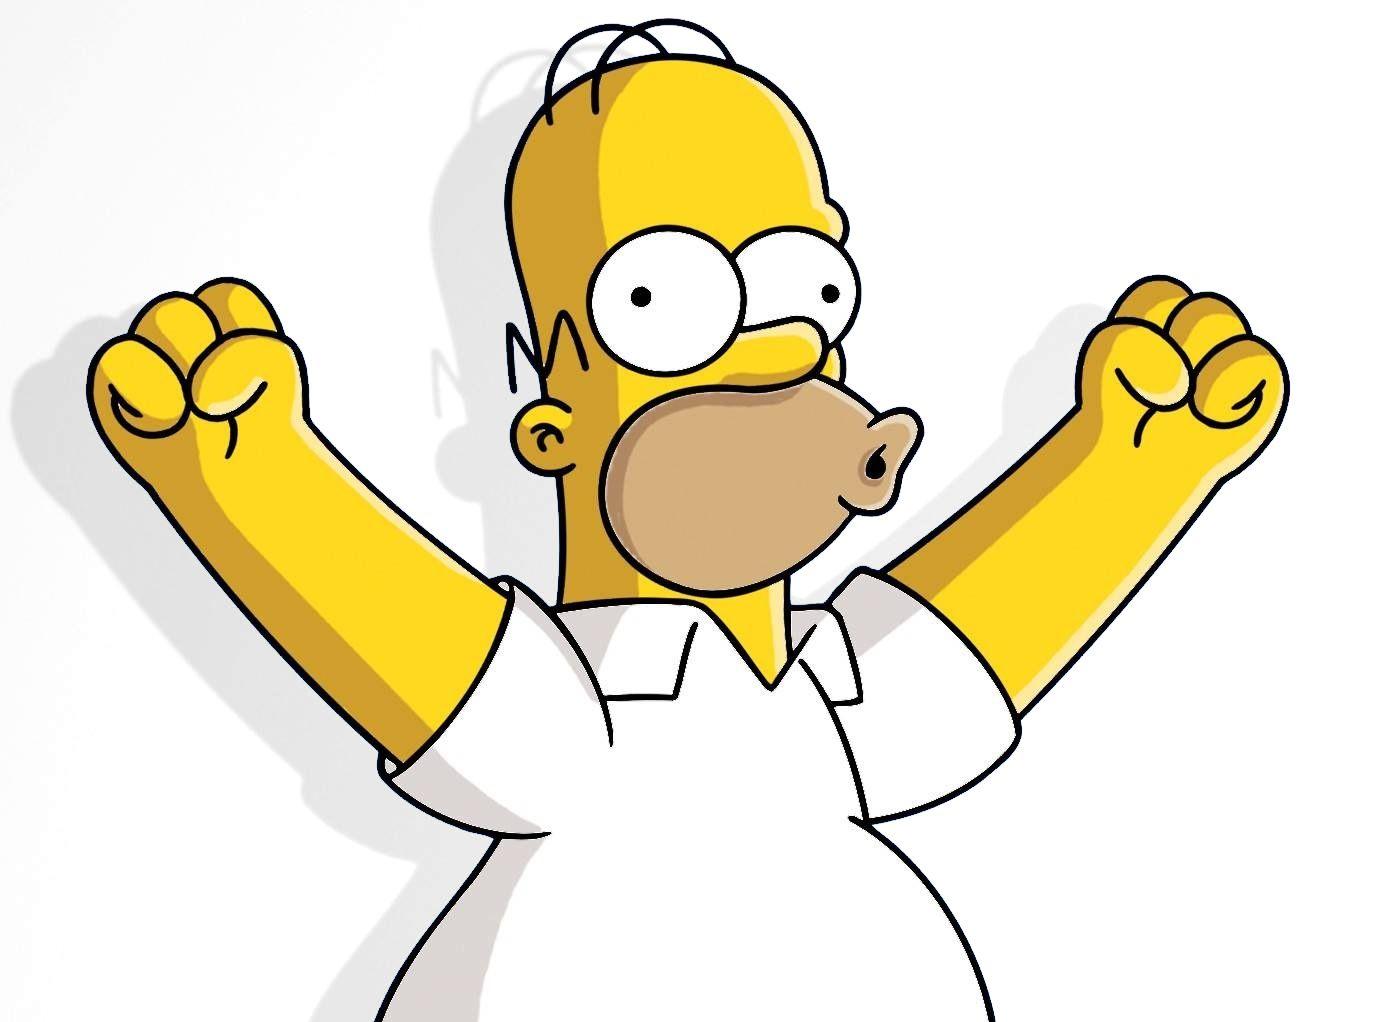 f92e05d348b1047f0331d9a7a14c7346 30 Things You Didn't Know About The Simpsons